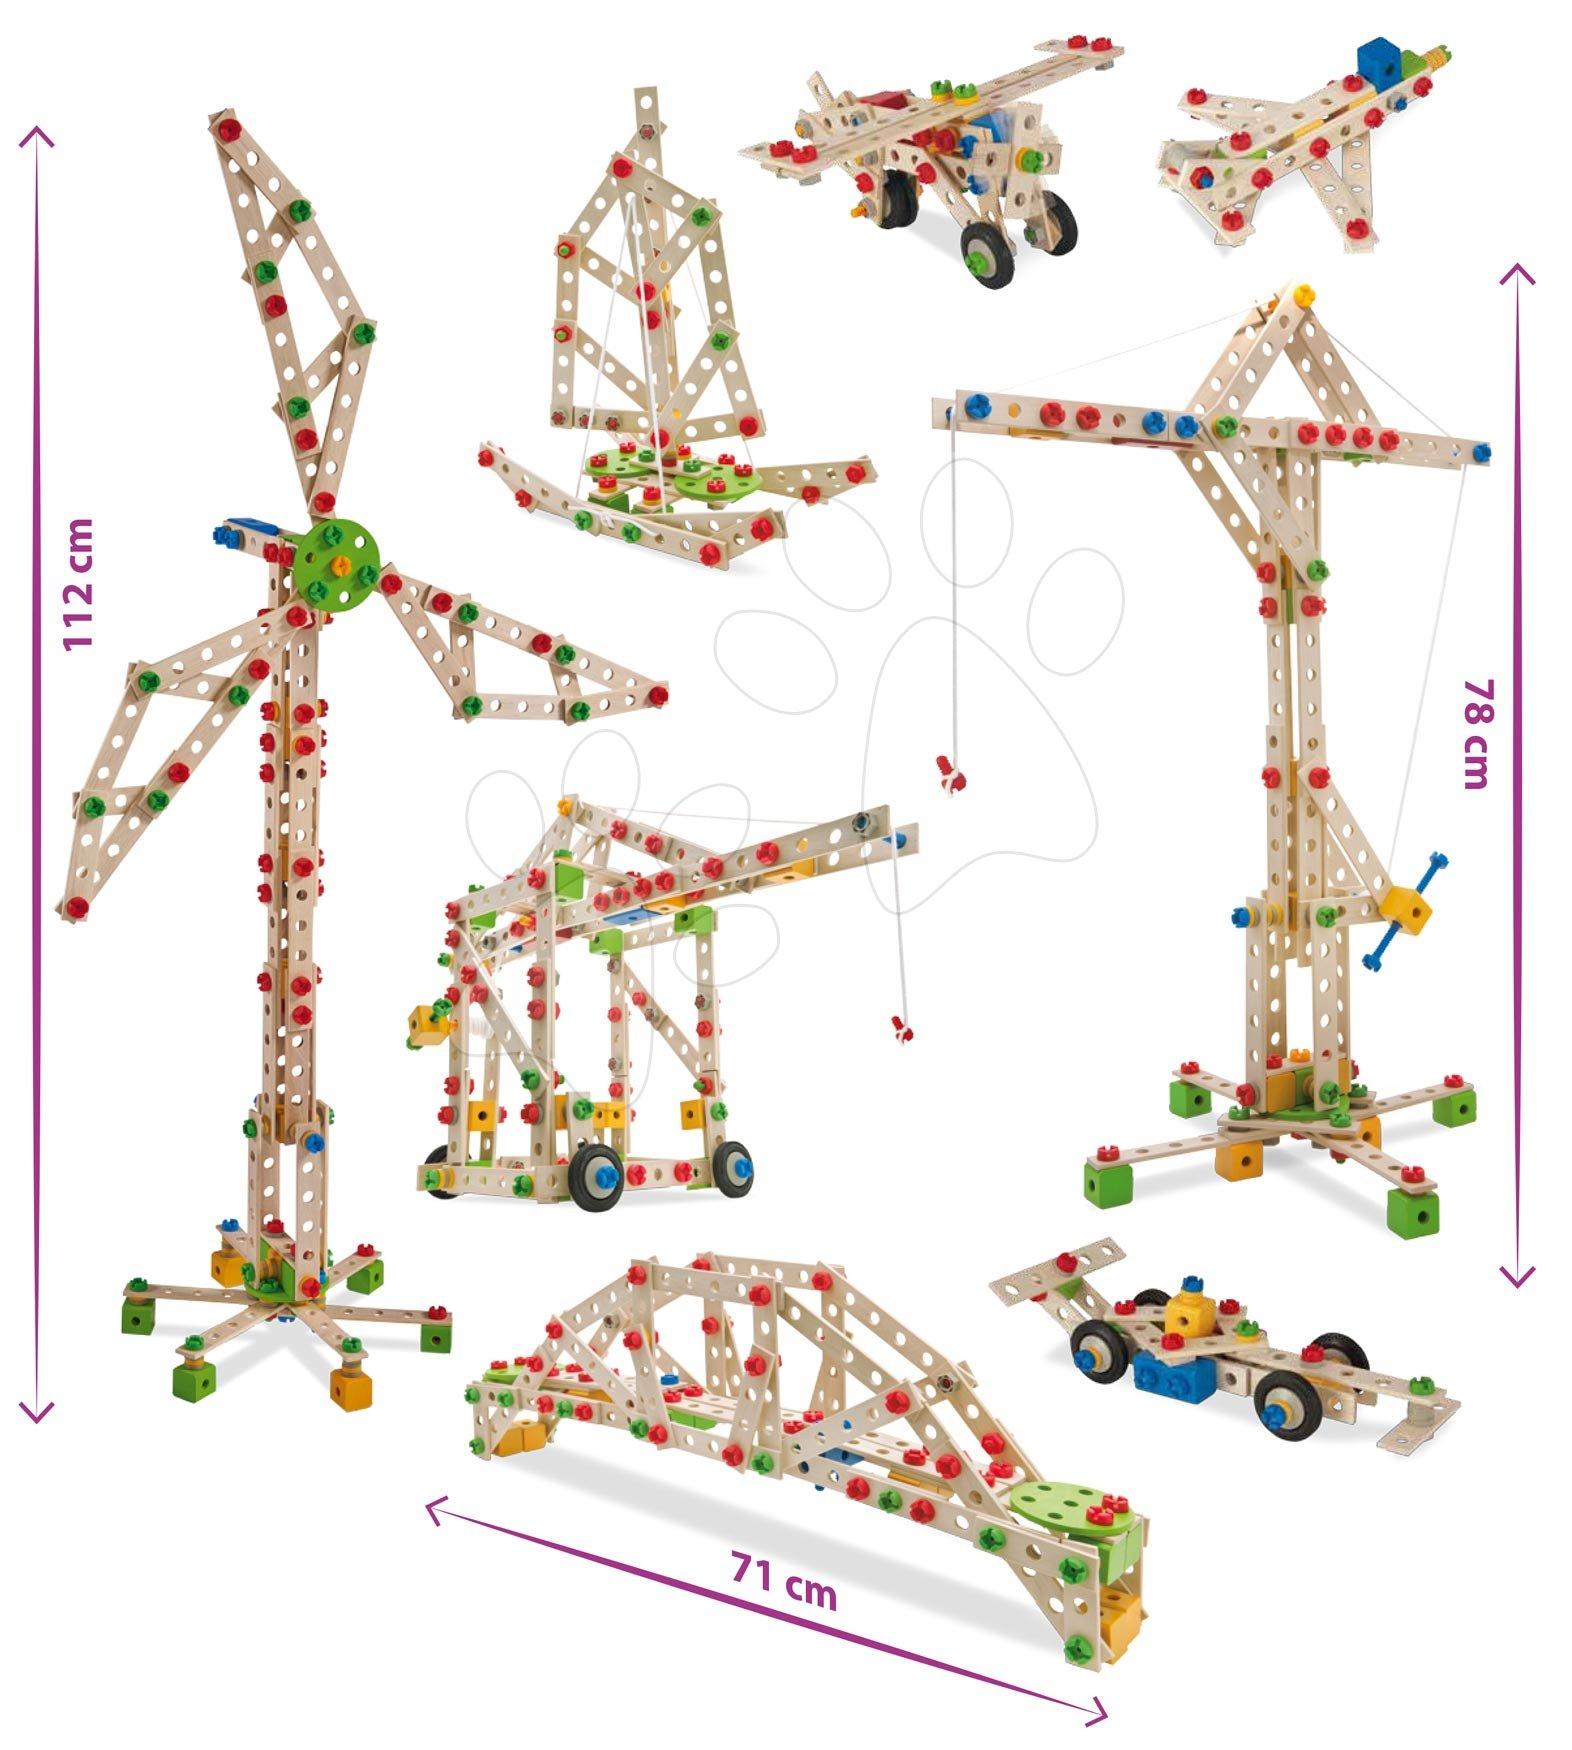 Drevená stavebnica veterný mlyn Constructor Windmill Eichhorn 8 modelov (mlyn, žeriav, lietadlo, stíhačka, katamaran, auto, most, žeriav na kontajnery) 300 dielov od 6 rokov